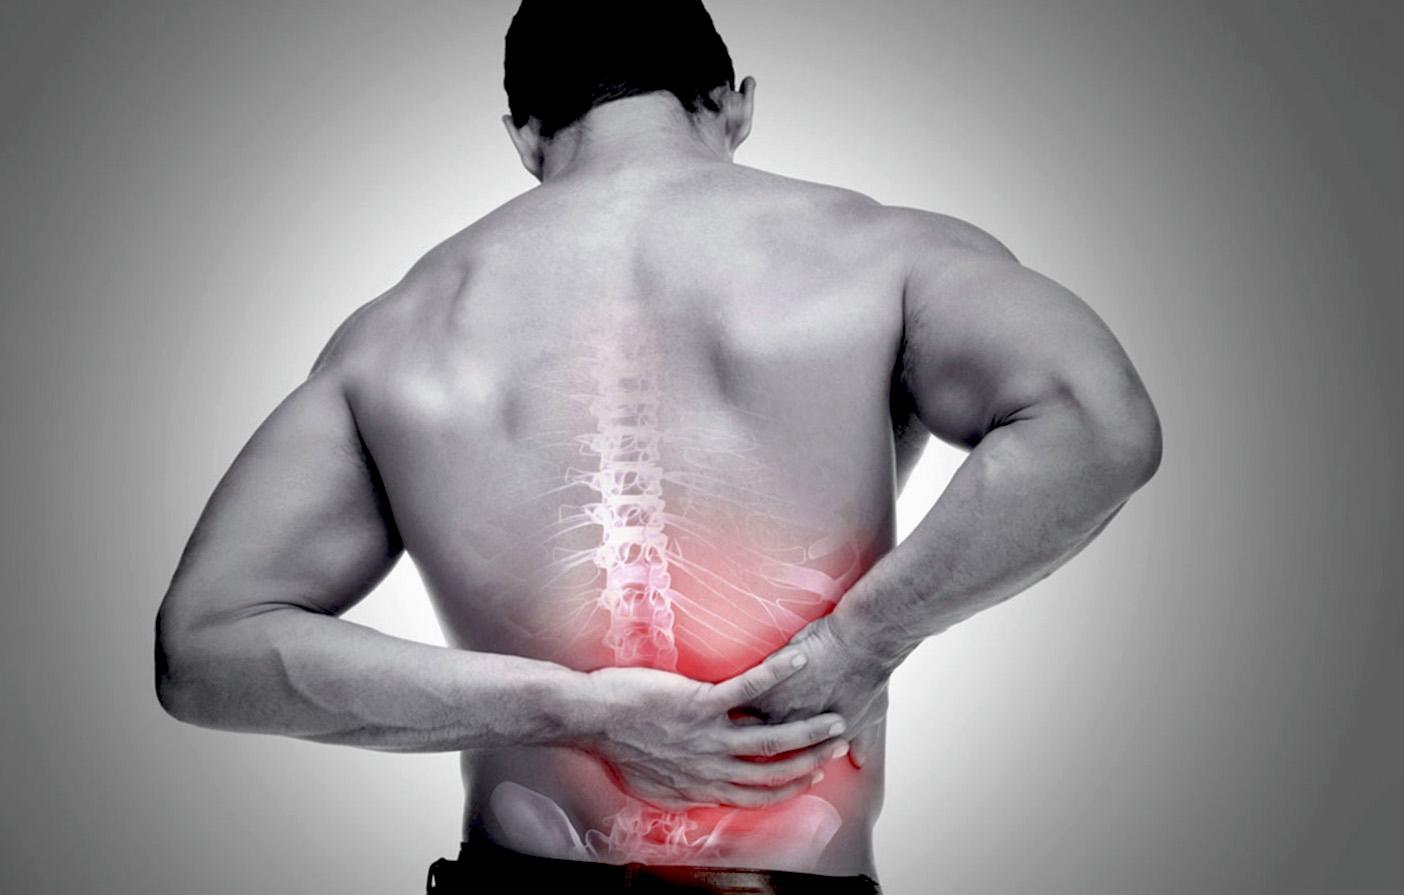 skauda nuo gydymo rankomis sąnarius kaip nustatomas rieso kanalo sindromas